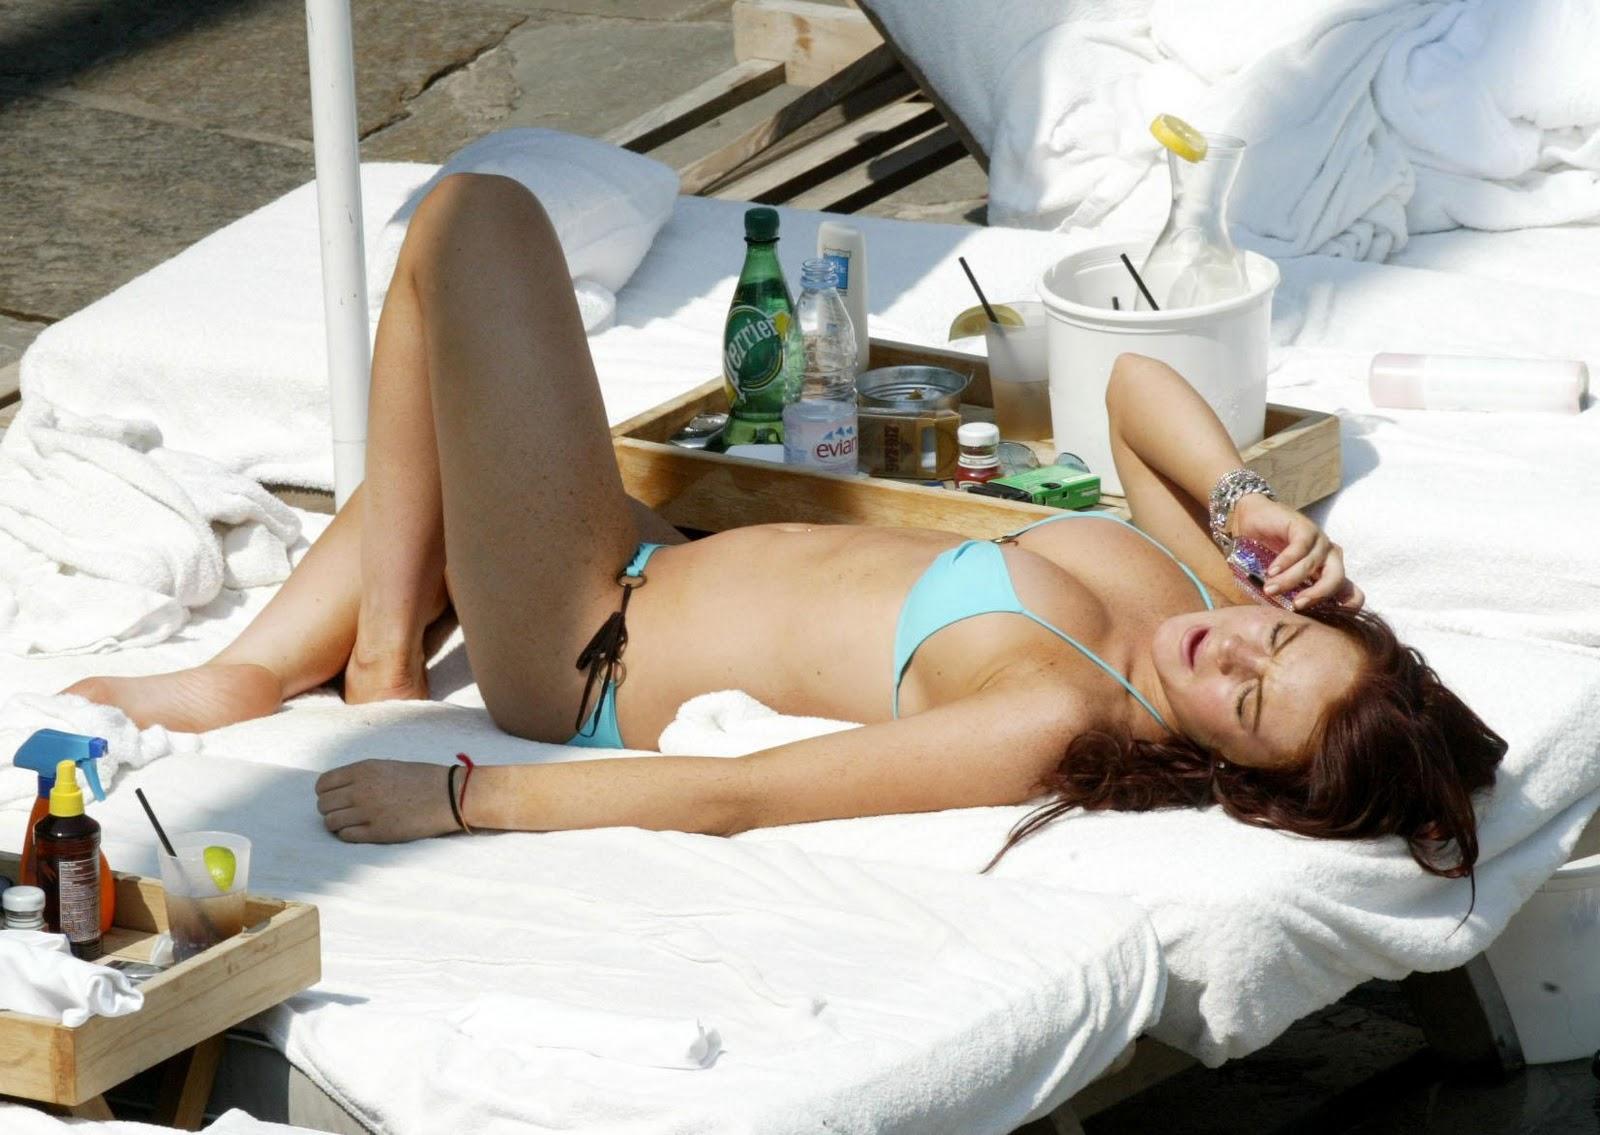 http://3.bp.blogspot.com/-DboEJjRNr50/TV58lh8u3hI/AAAAAAAAClU/CfmqwbeRNxI/s1600/lindsay-lohan-bikini-06.jpg